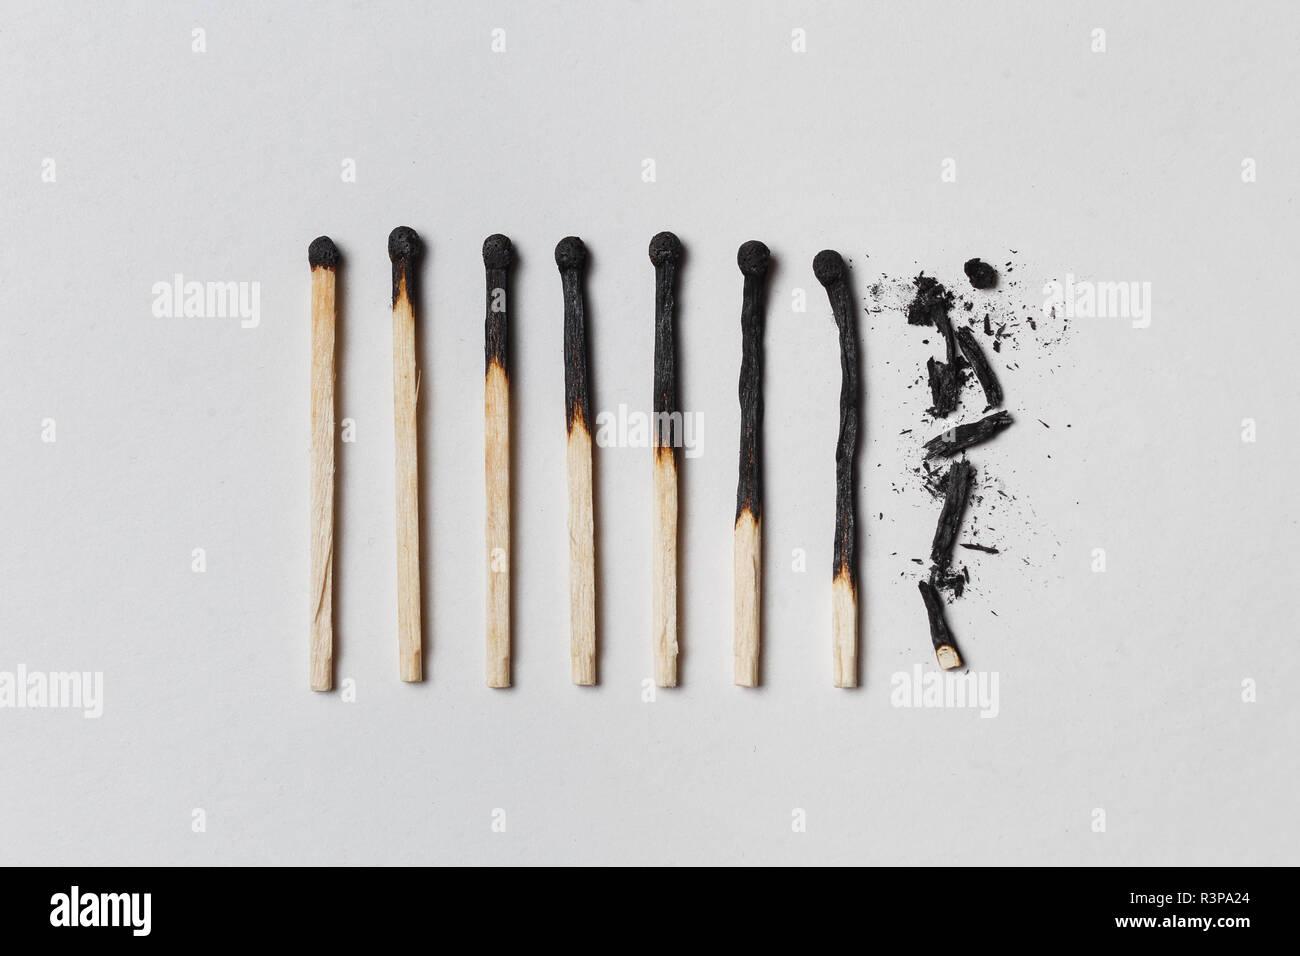 Concepto de paciencia. Una fila de fósforos quemados, de izquierda a derecha, desde casi un partido entero completamente quemado a una coincidencia en el polvo. Fondo blanco, plano laical. Foto de stock